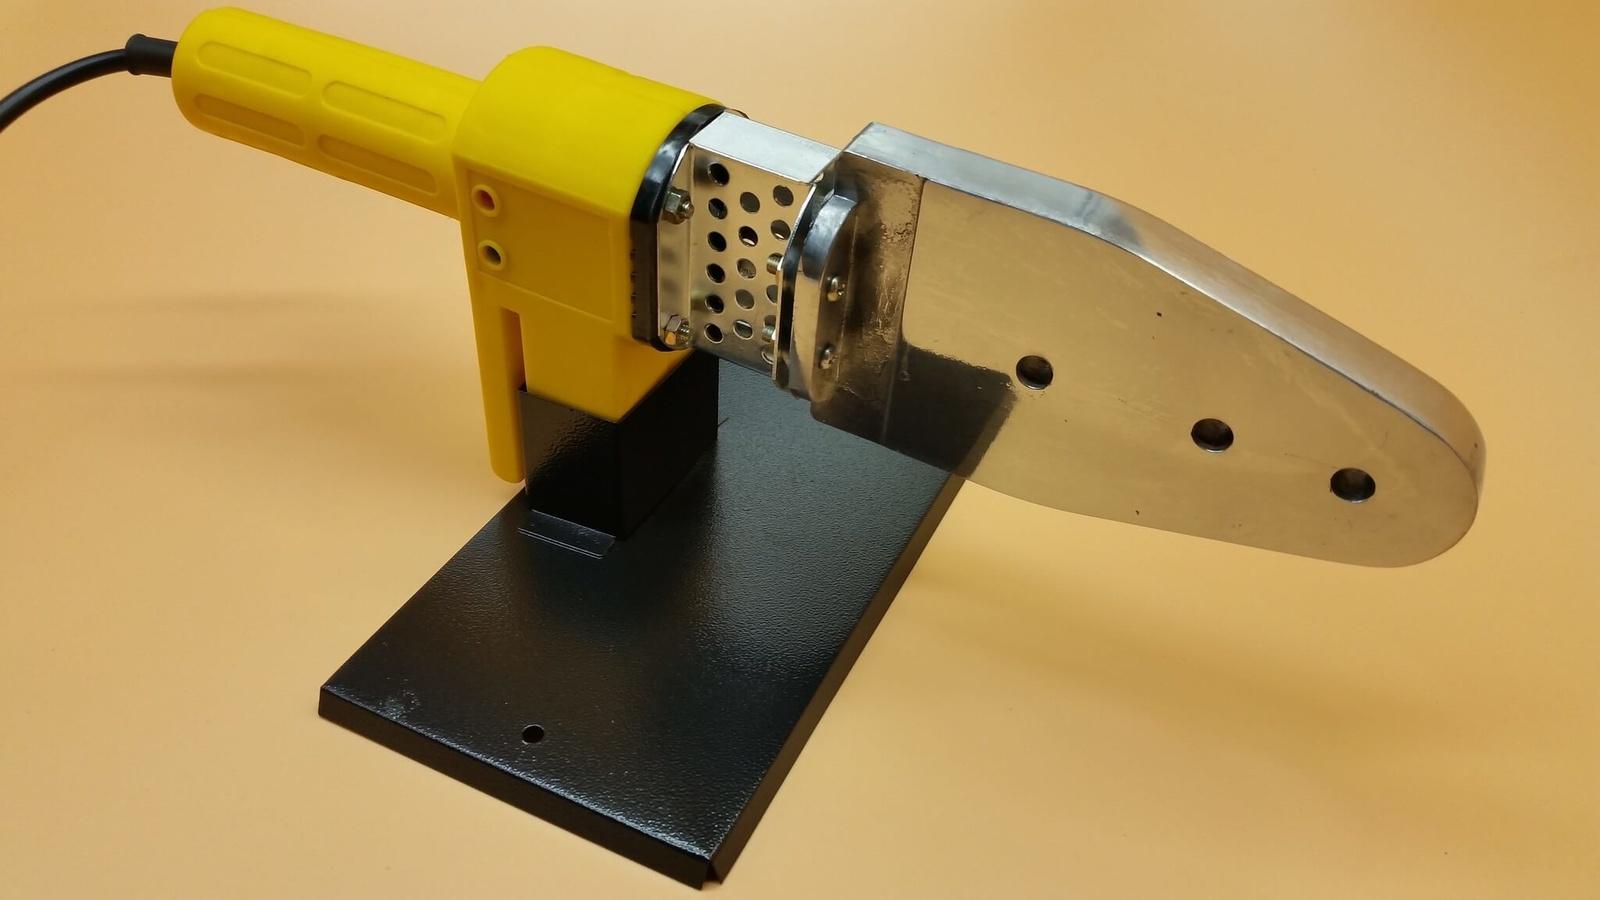 Аппарат для сварки труб Welder SKA-KC32 аппарат для сварки пластиковых труб ставр аспт 900м 900вт рабочая температура 50 300град